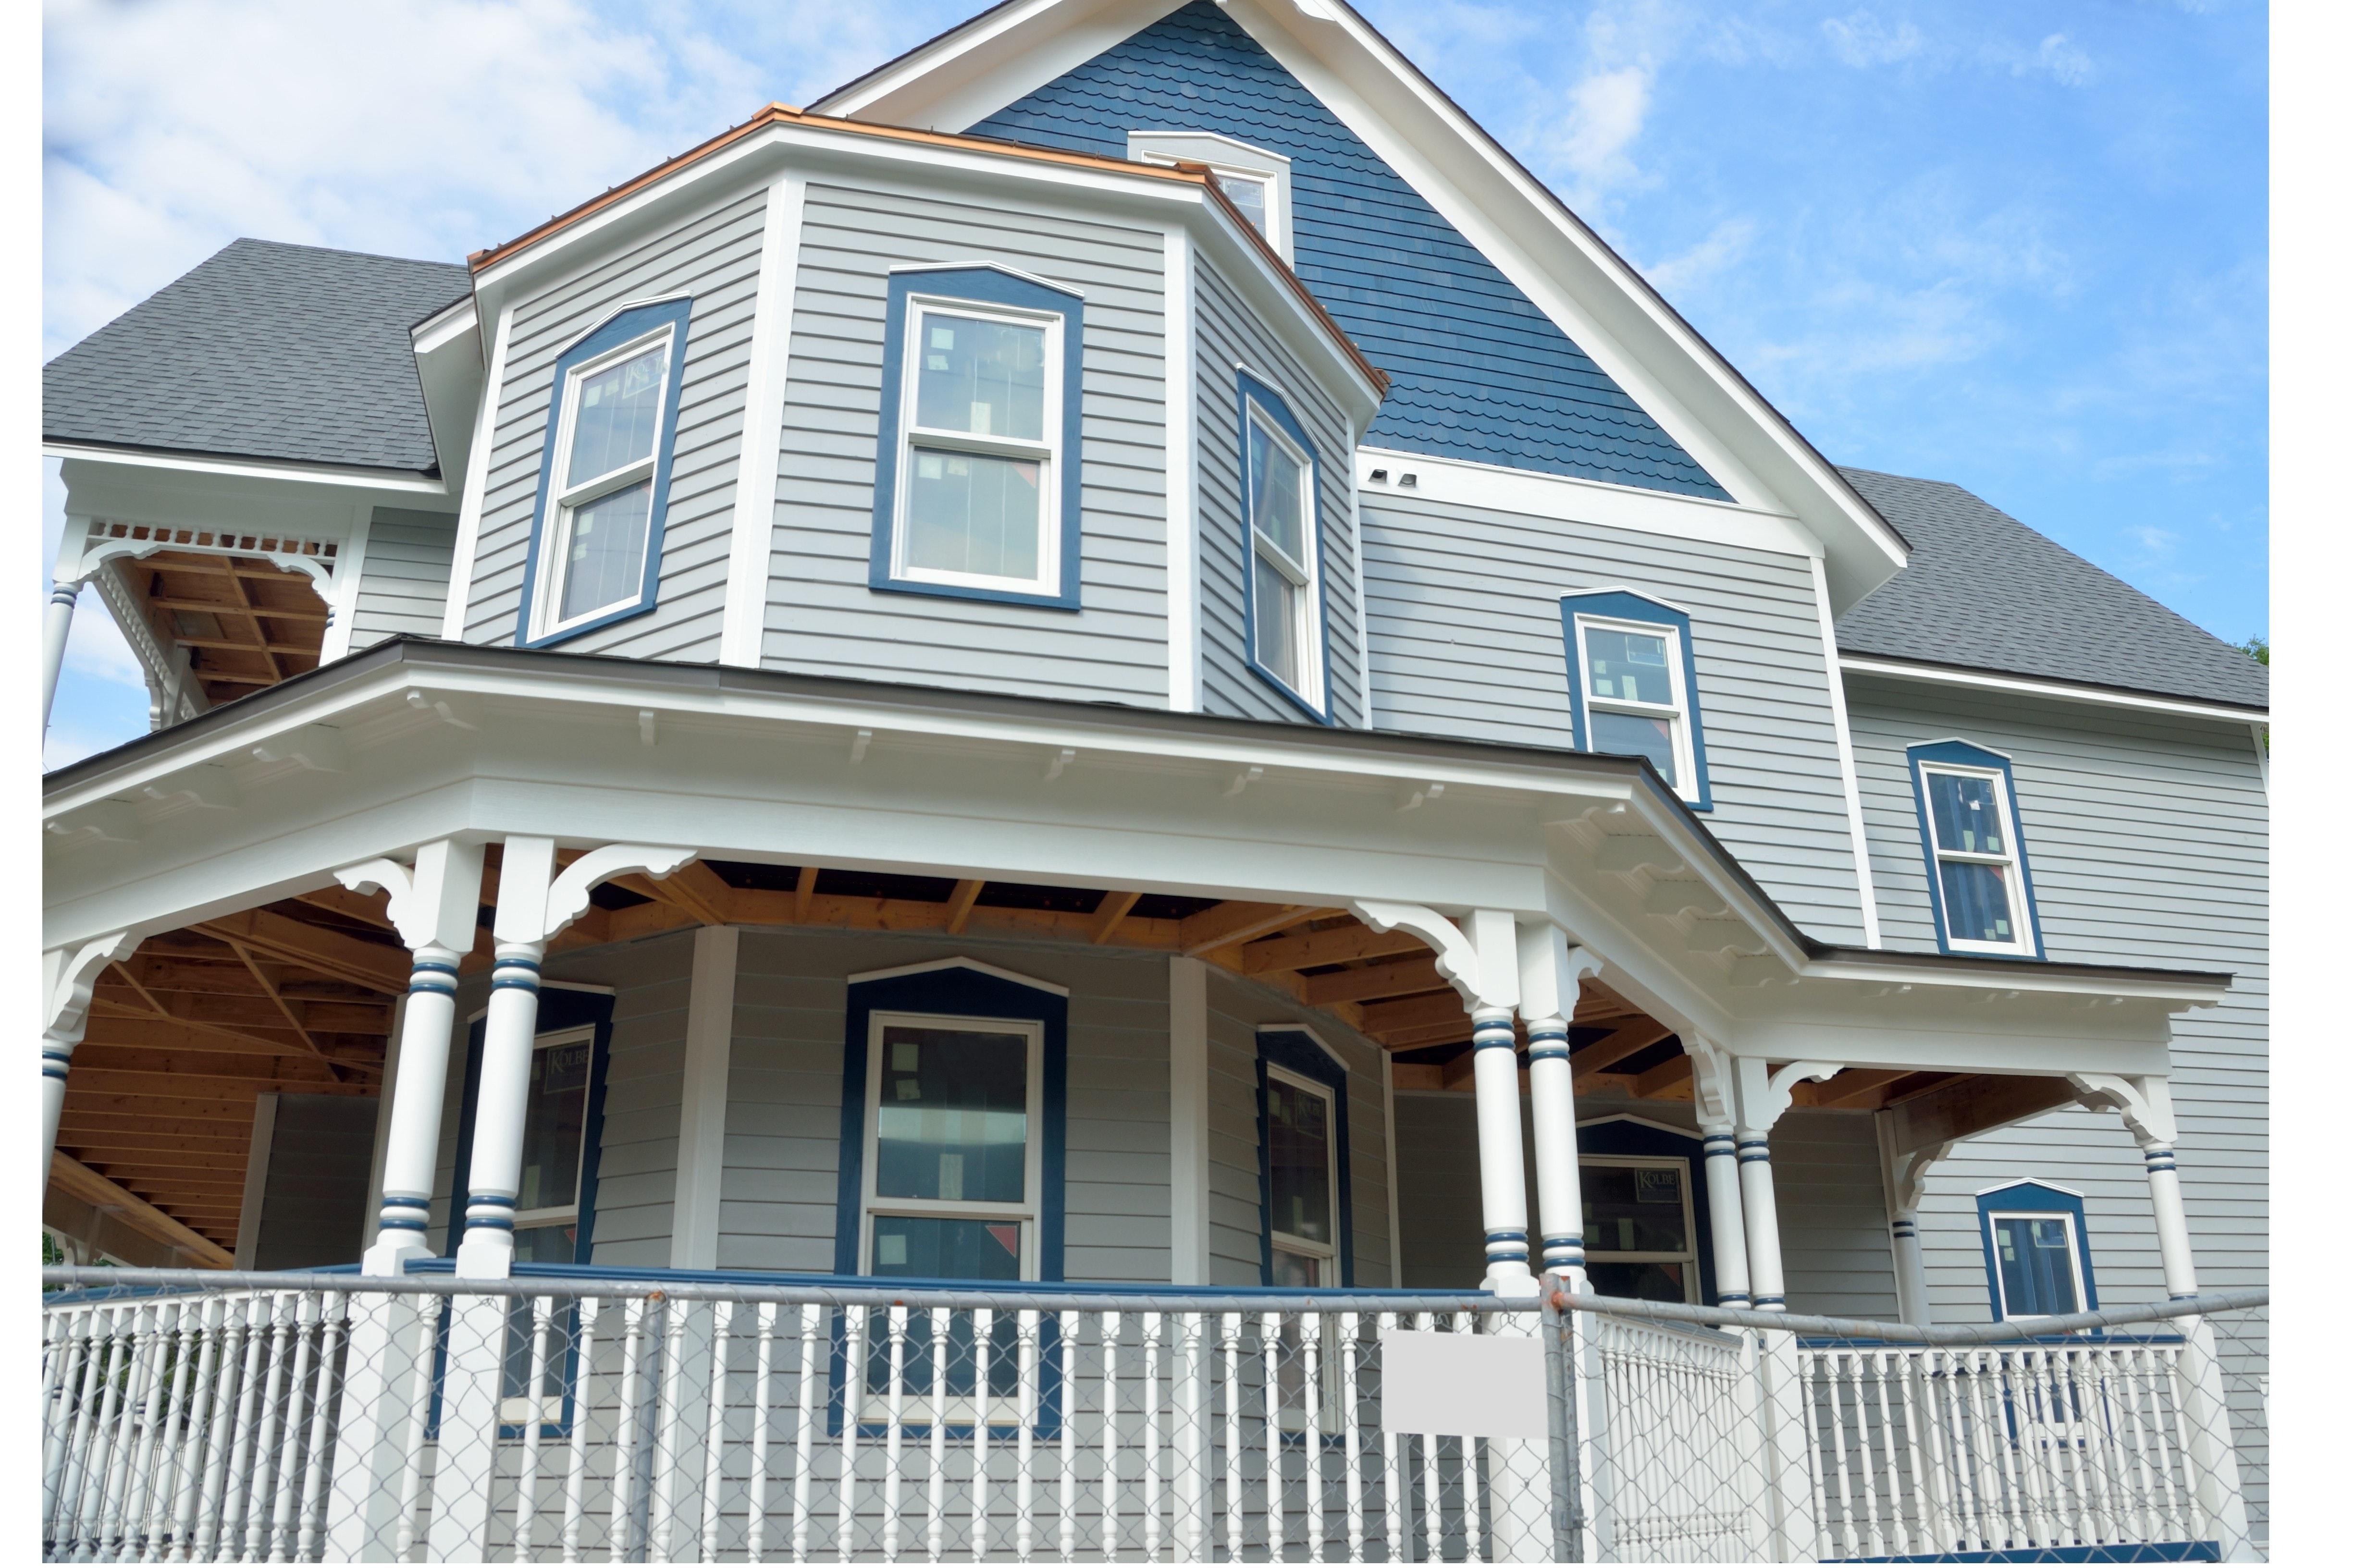 White Concrete 2 Storey House 183 Free Stock Photo